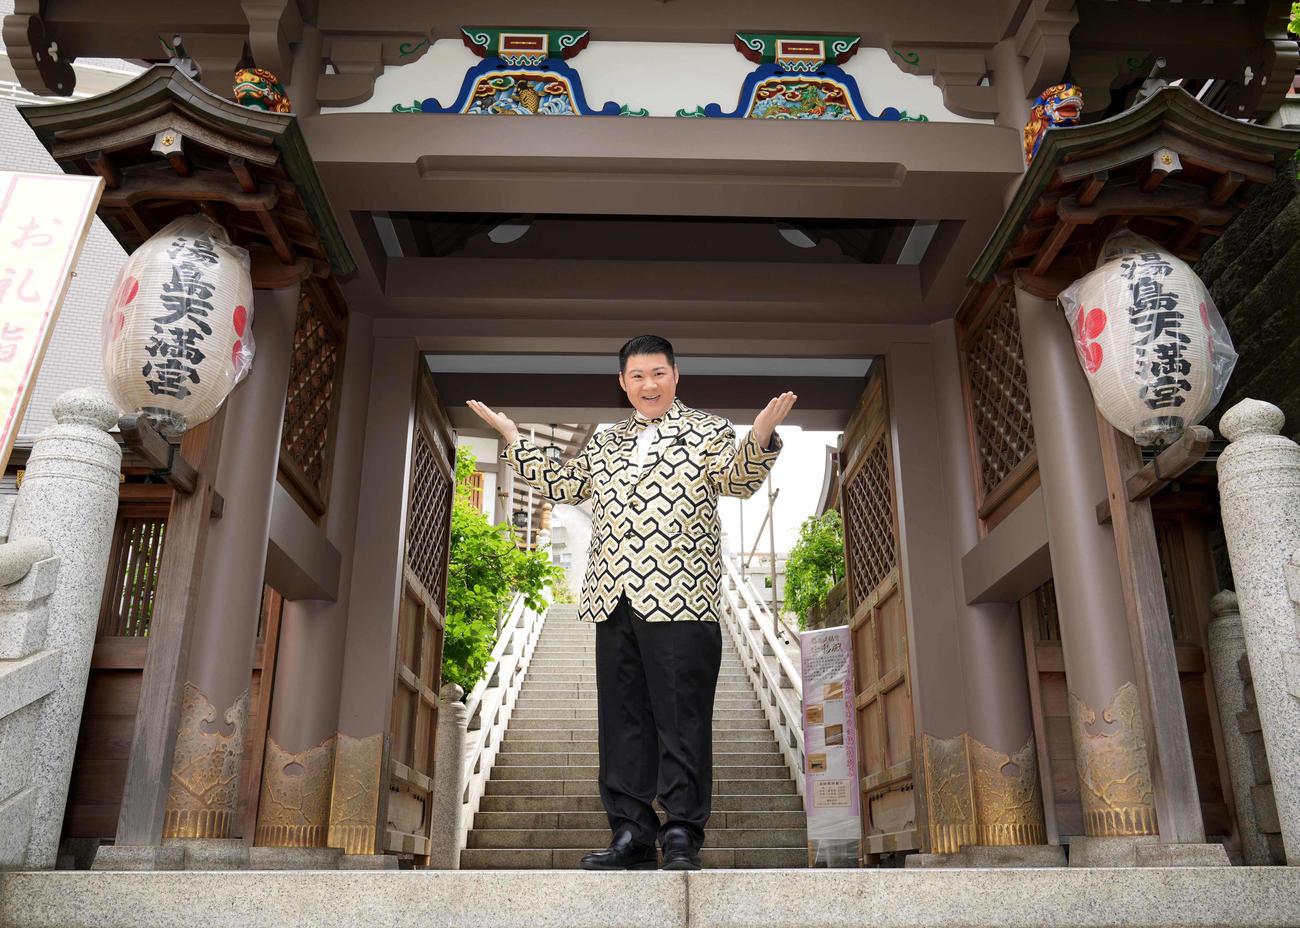 東京・文京区の湯島天満宮で新曲「登竜門」ヒット祈願を行った大江裕